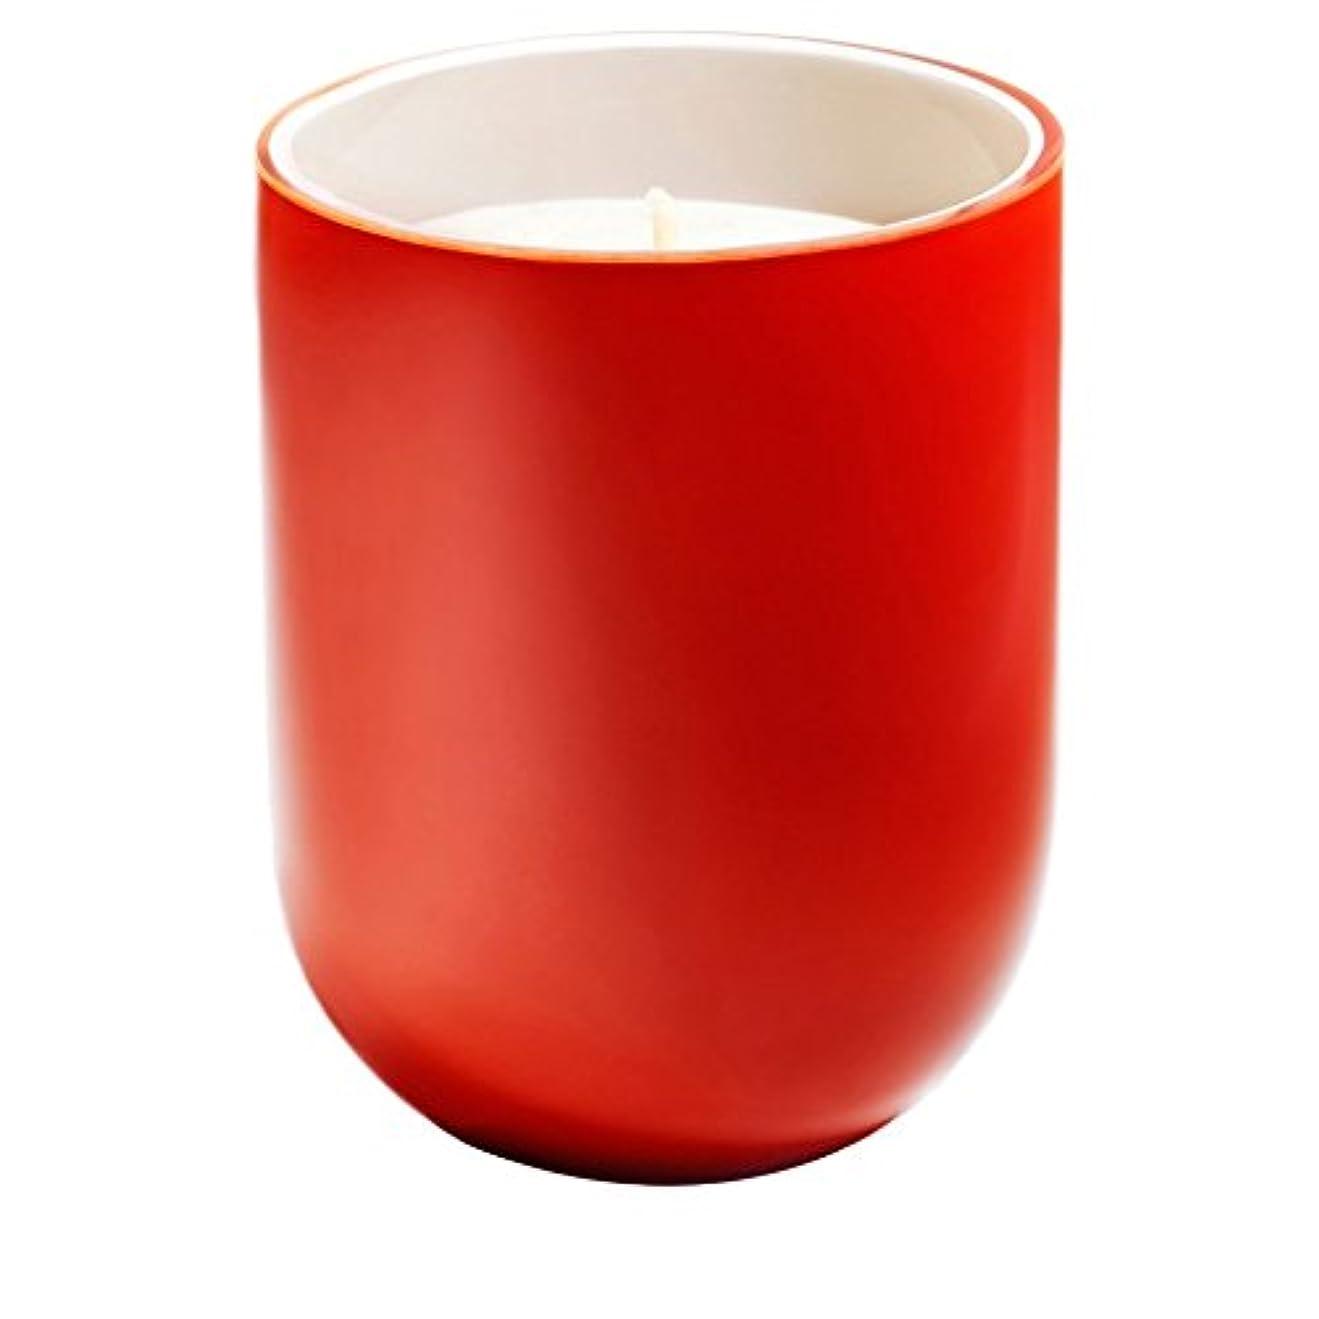 受け継ぐ背が高いステートメントフレデリック?マルプルミエ舞香りのキャンドル x6 - Frederic Malle 1er Mai Scented Candle (Pack of 6) [並行輸入品]